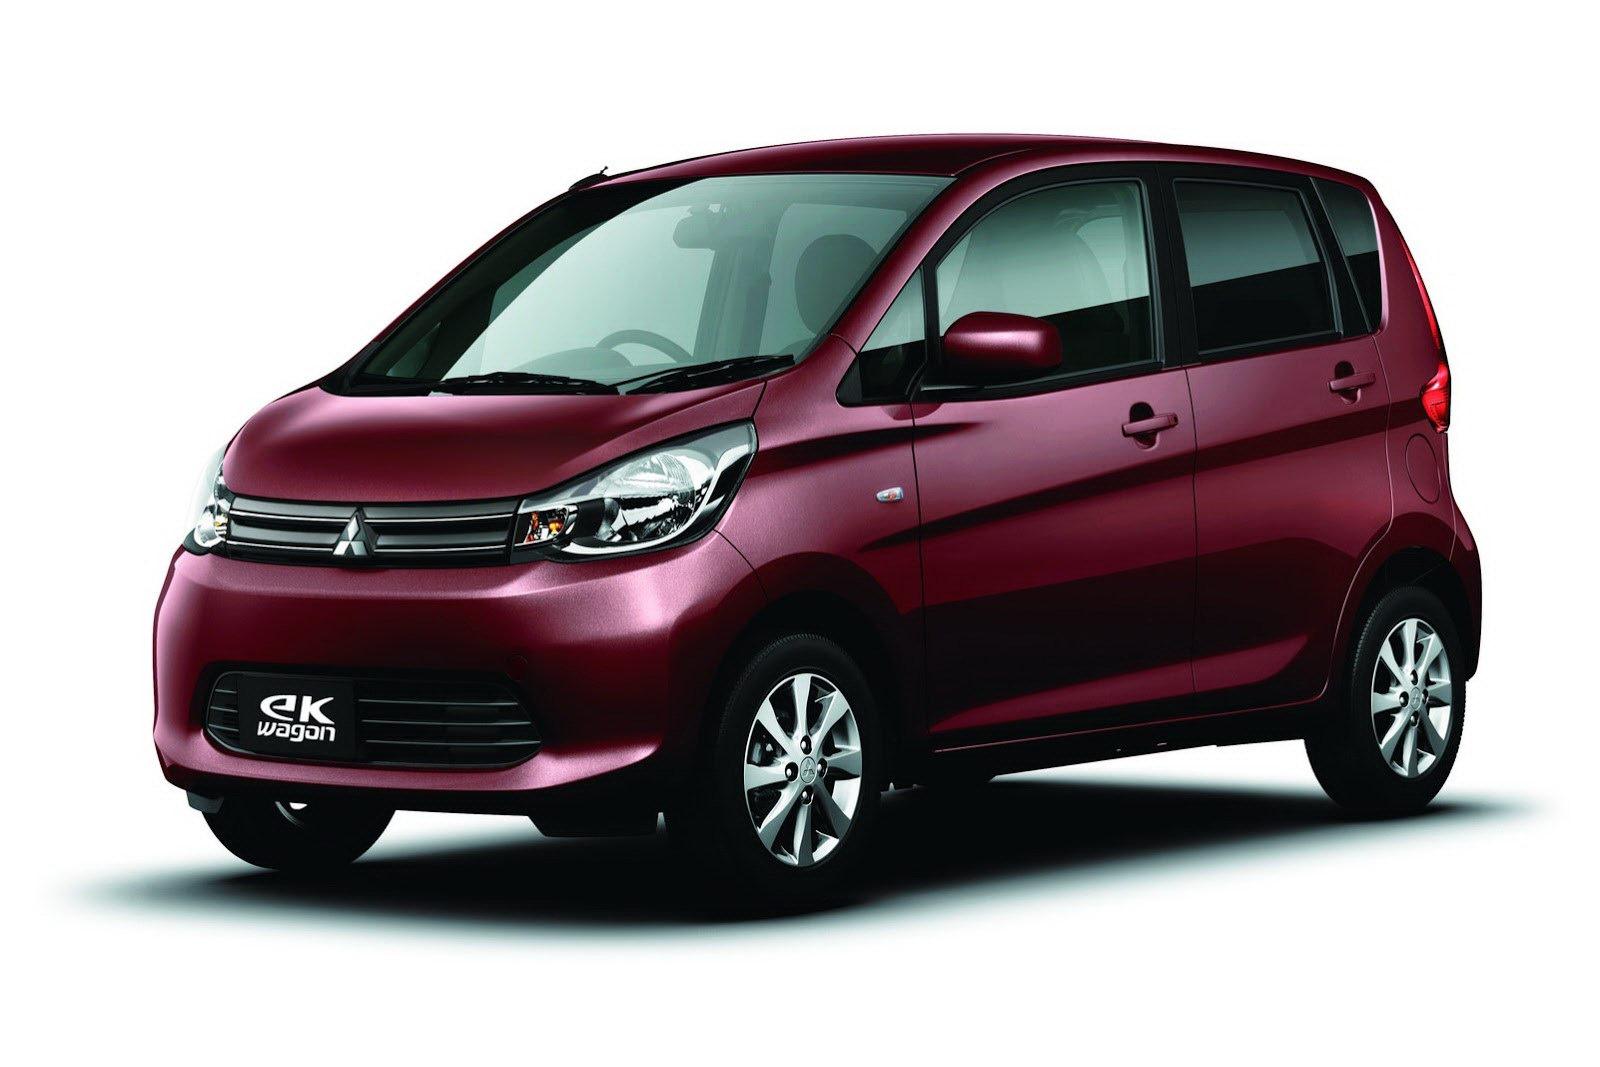 Из-за дизельного скандала, автолюбители «отвернулись» от марок Mitsubishi и Nissan 2